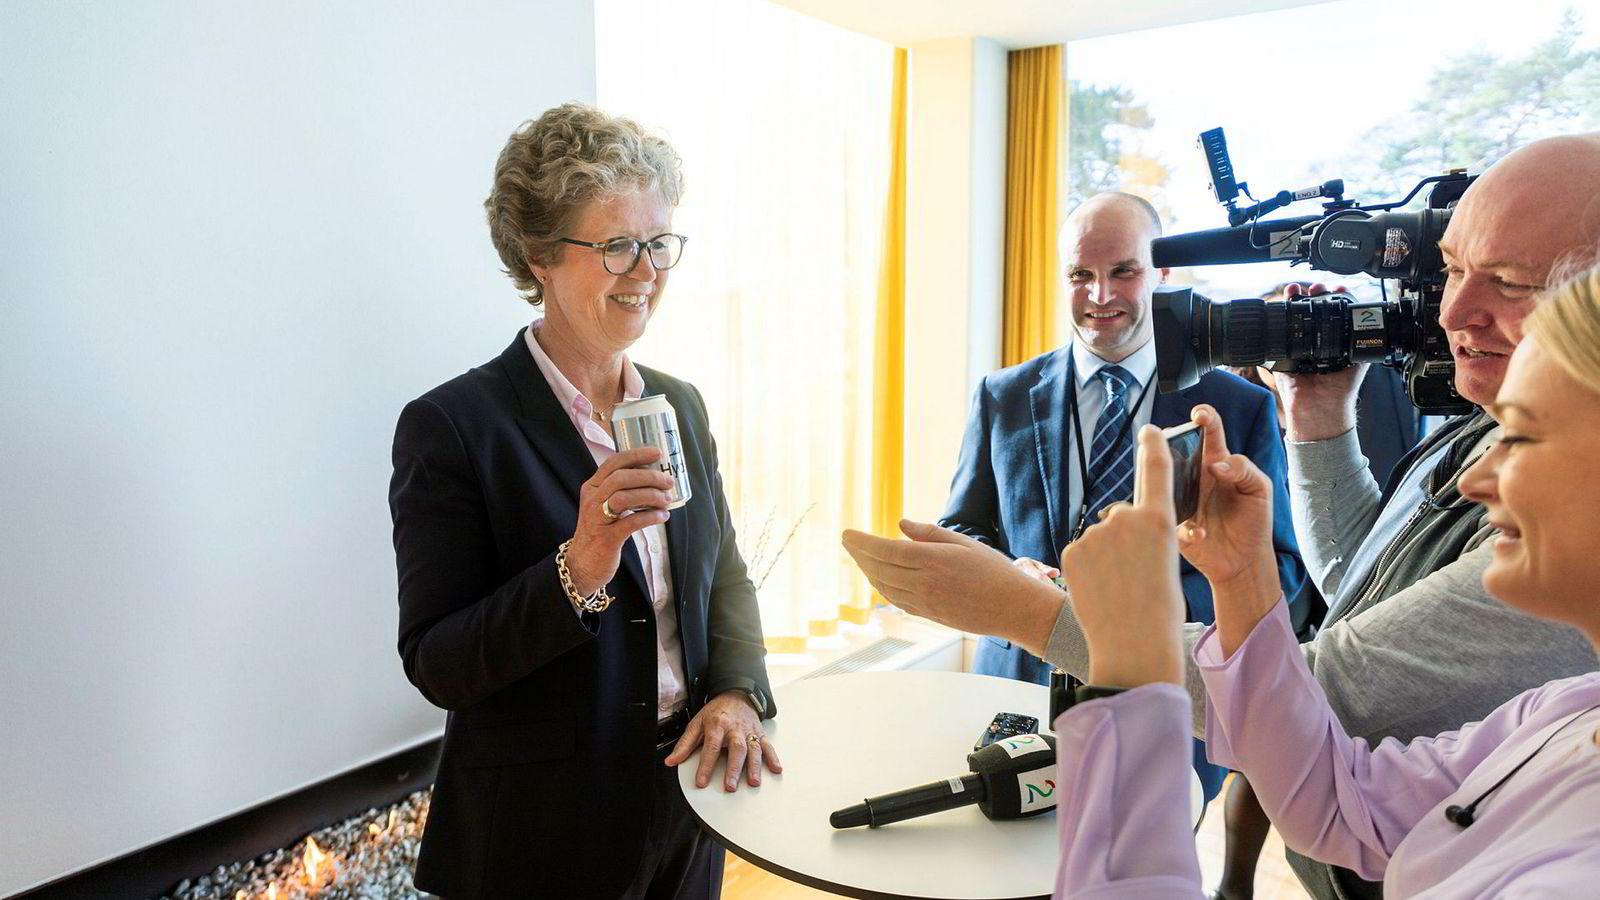 Hilde Merete Aasheim ble presentert som Hydros nye konsernsjef mandag.Her blir hun fotografert av TV2 under pressekonferansen. I bakgrunnen står informasjonsdirektør Halvor Molland.